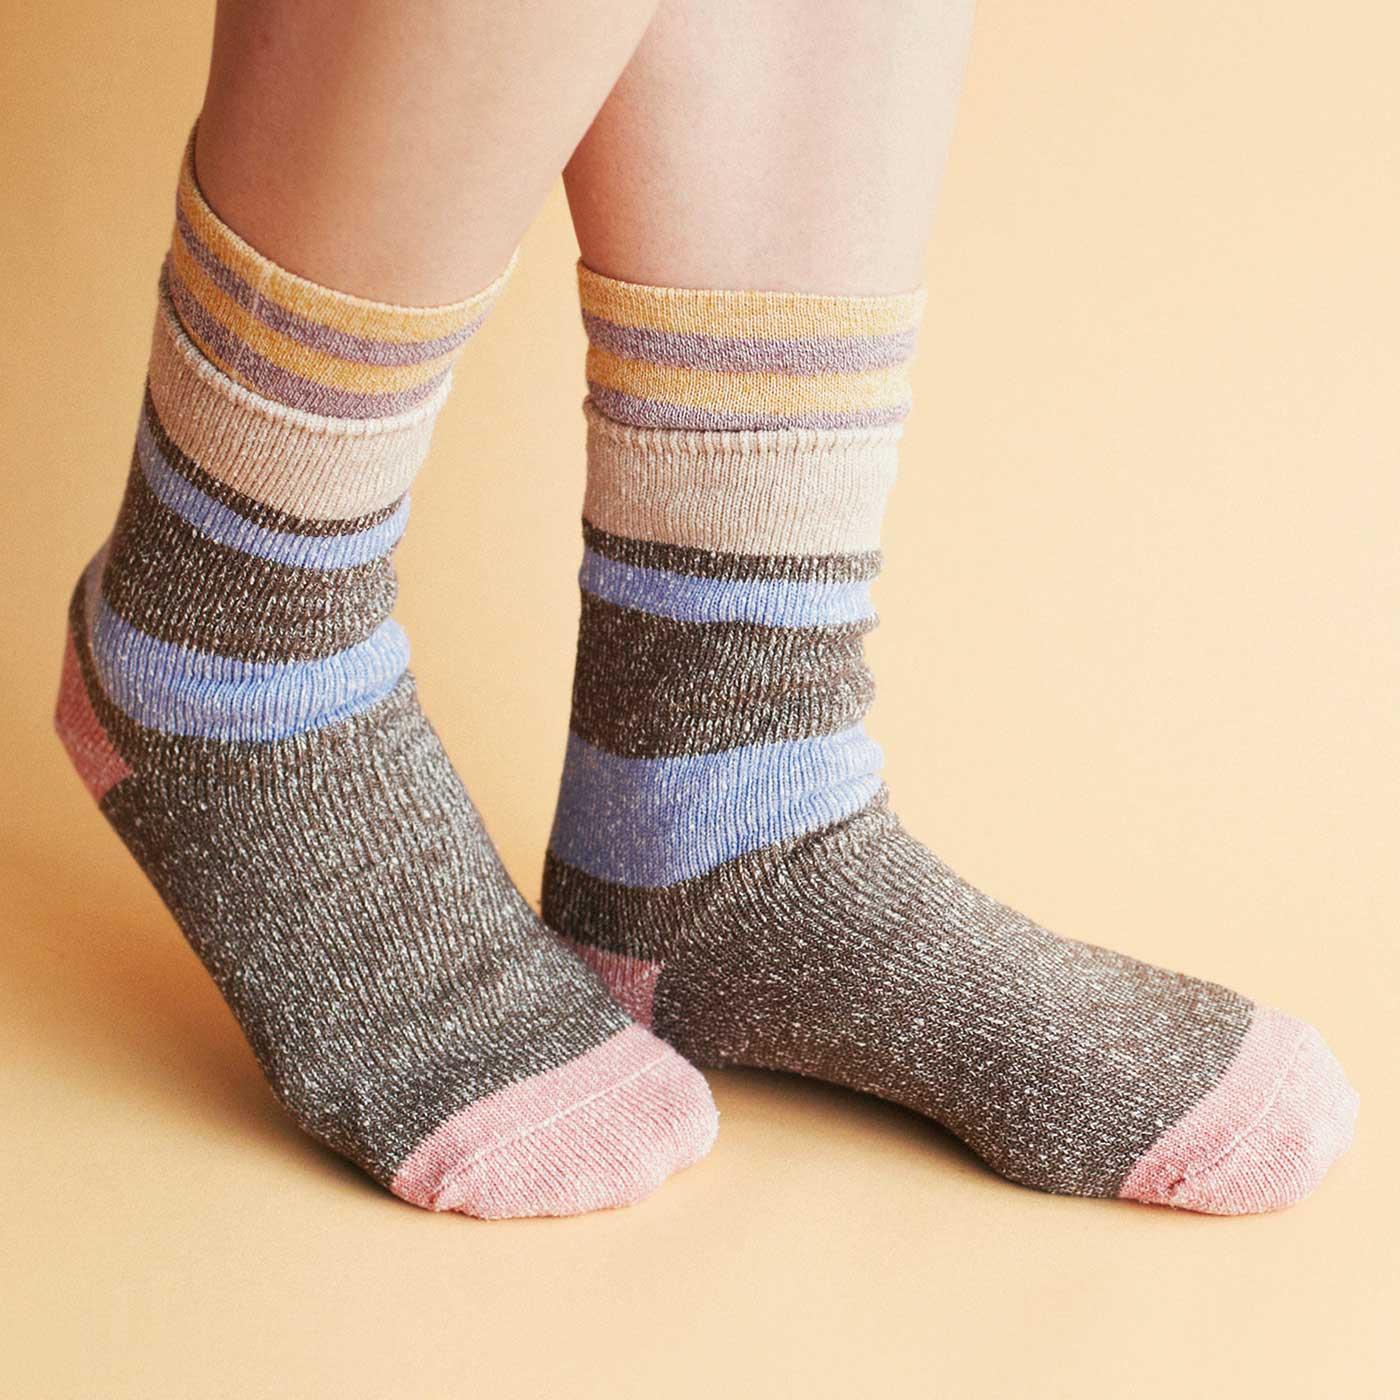 1枚ではもちろん、下に5本指靴下を重ねても、もこもこせず快適。